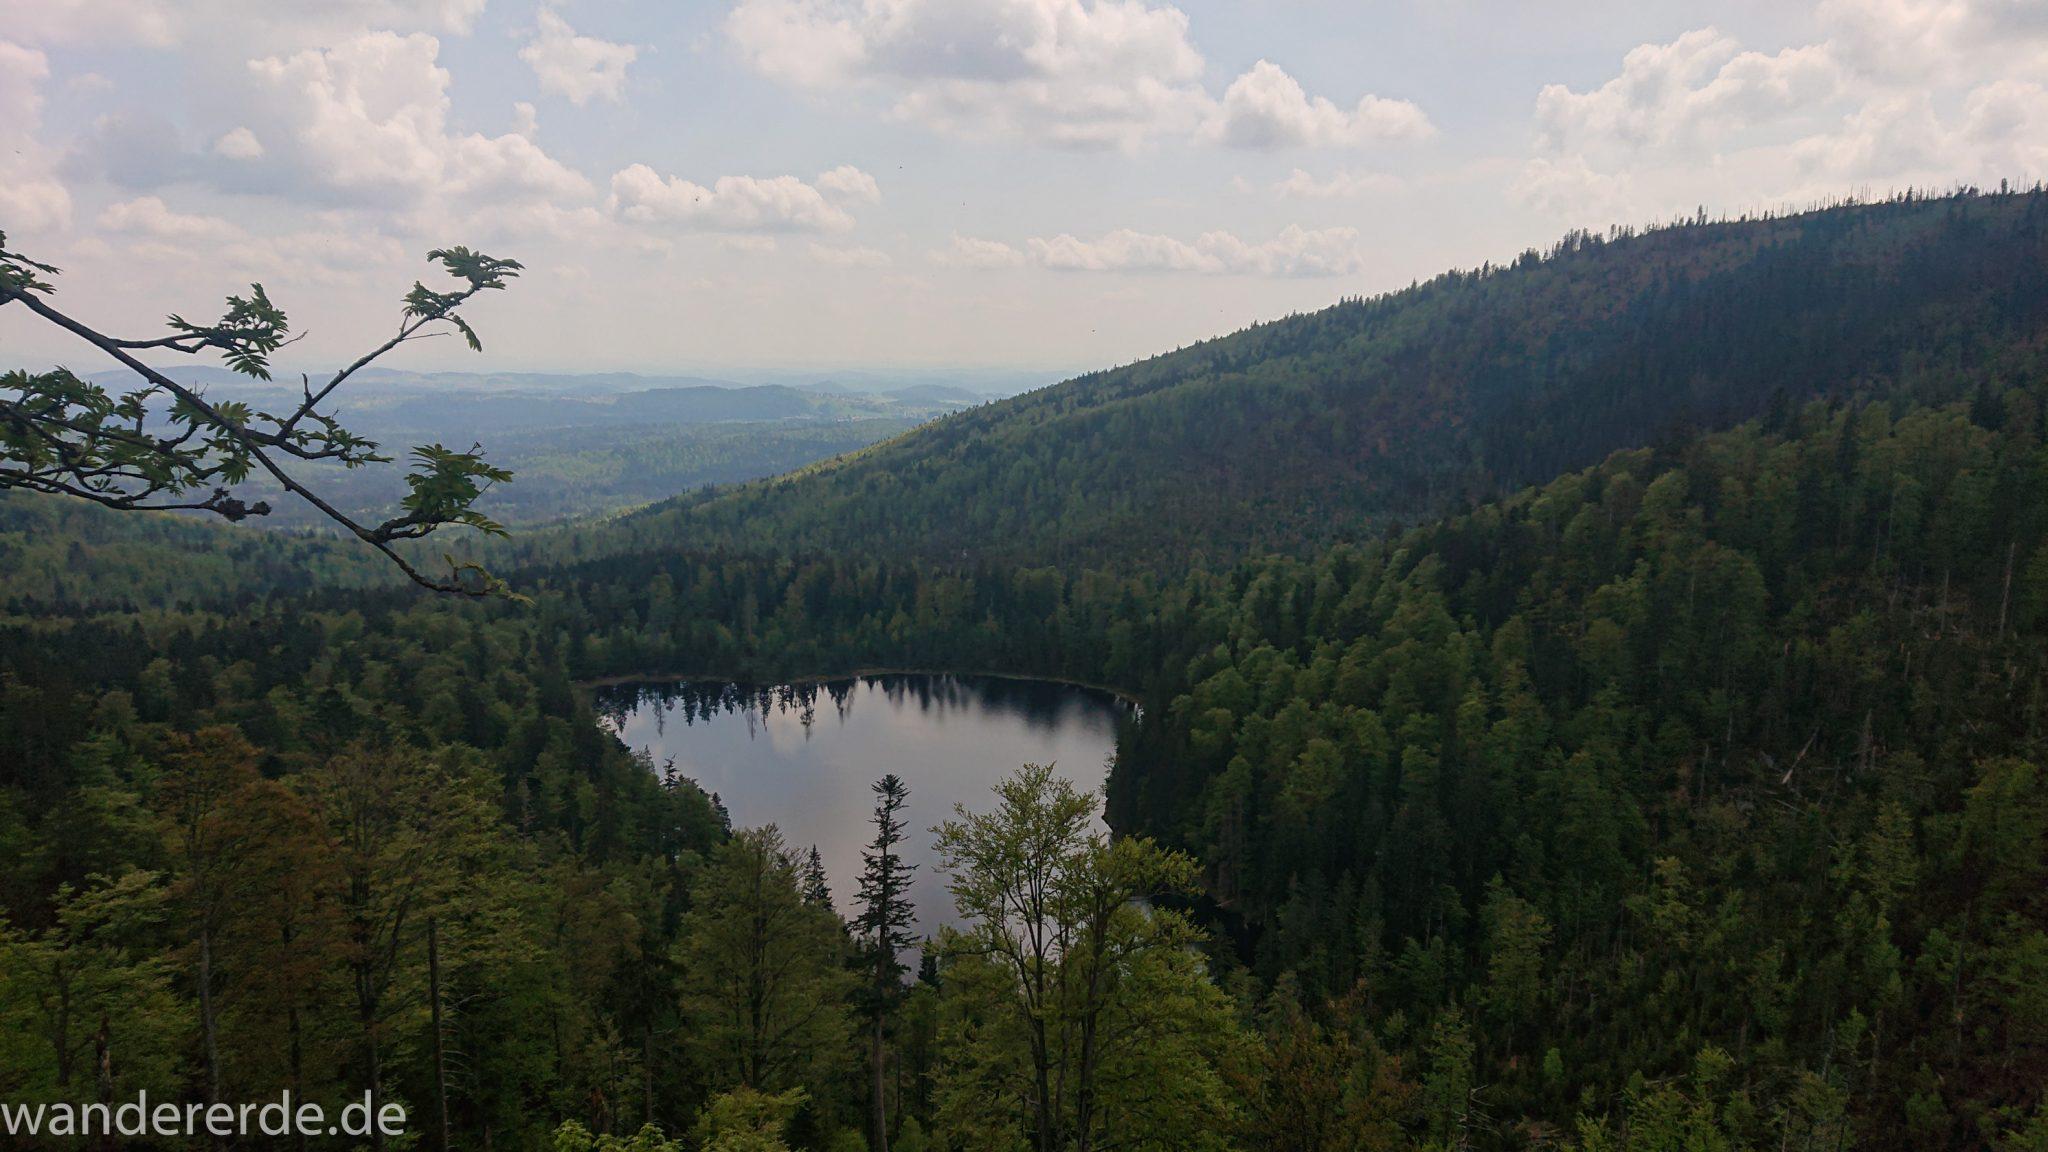 Wanderung Großer Rachel im Nationalpark Bayerischer Wald, Start Parkplatz Oberfrauenau, Aussicht auf den Rachselsee, riesiges Waldgebiet des bayerischen Waldes und Berge in der Ferne, umgeben von schönem dichtem Wald, Mischwald in verschiedensten Grüntönen